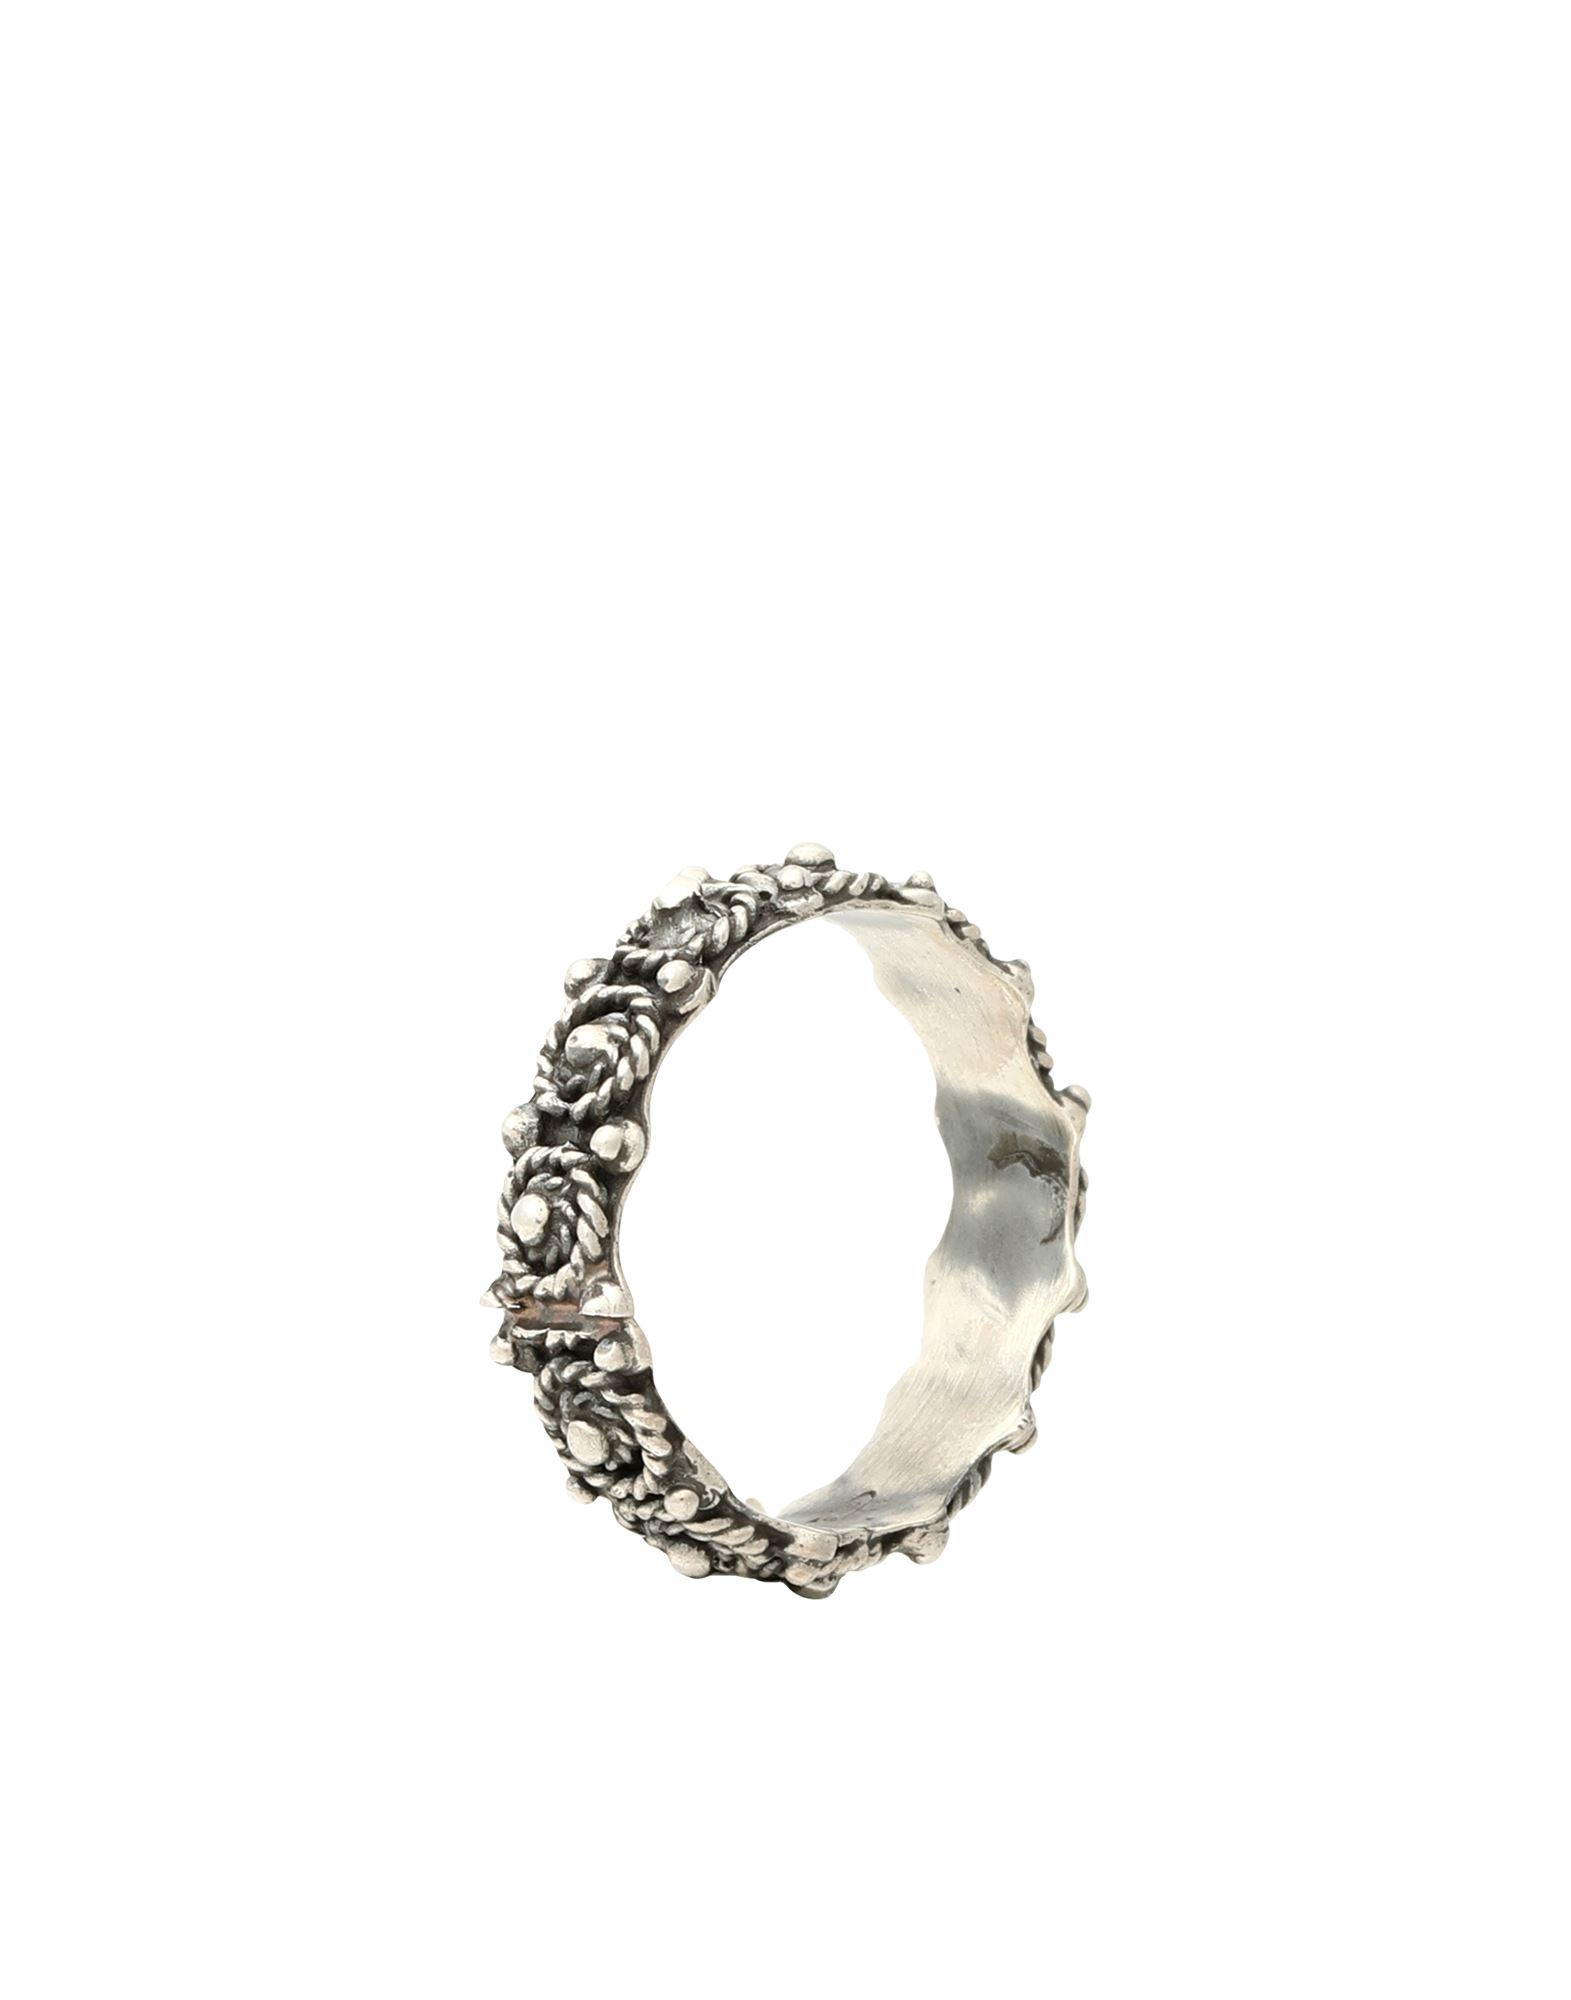 《セール開催中》FIRST PEOPLE FIRST レディース 指輪 鉛色 15 シルバー925/1000 / スピネル FEDE BIZANTINA